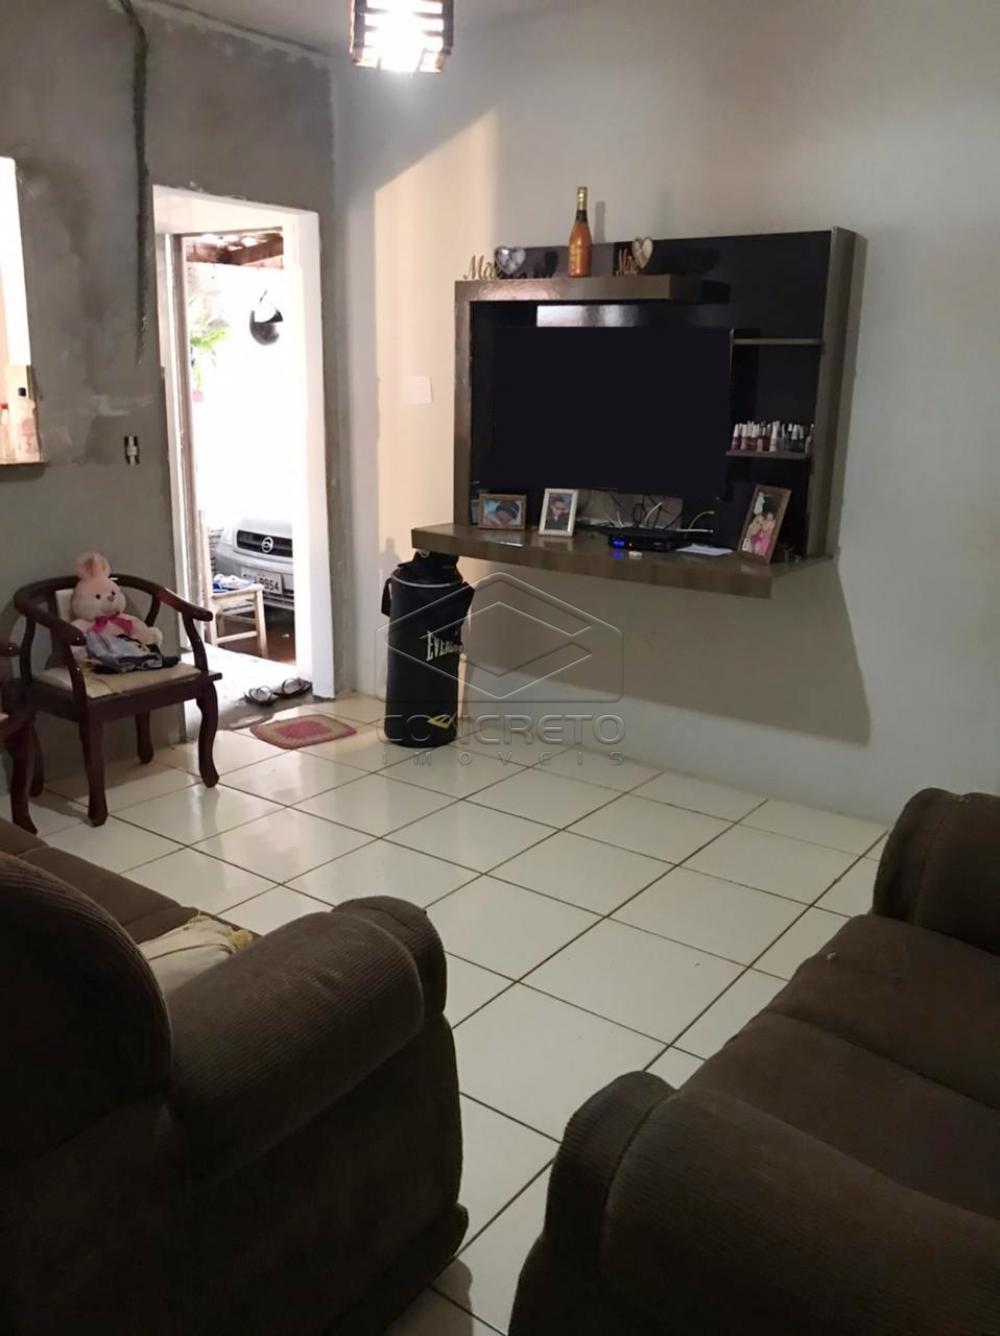 Comprar Casa / Residencia em Jaú apenas R$ 130.000,00 - Foto 2